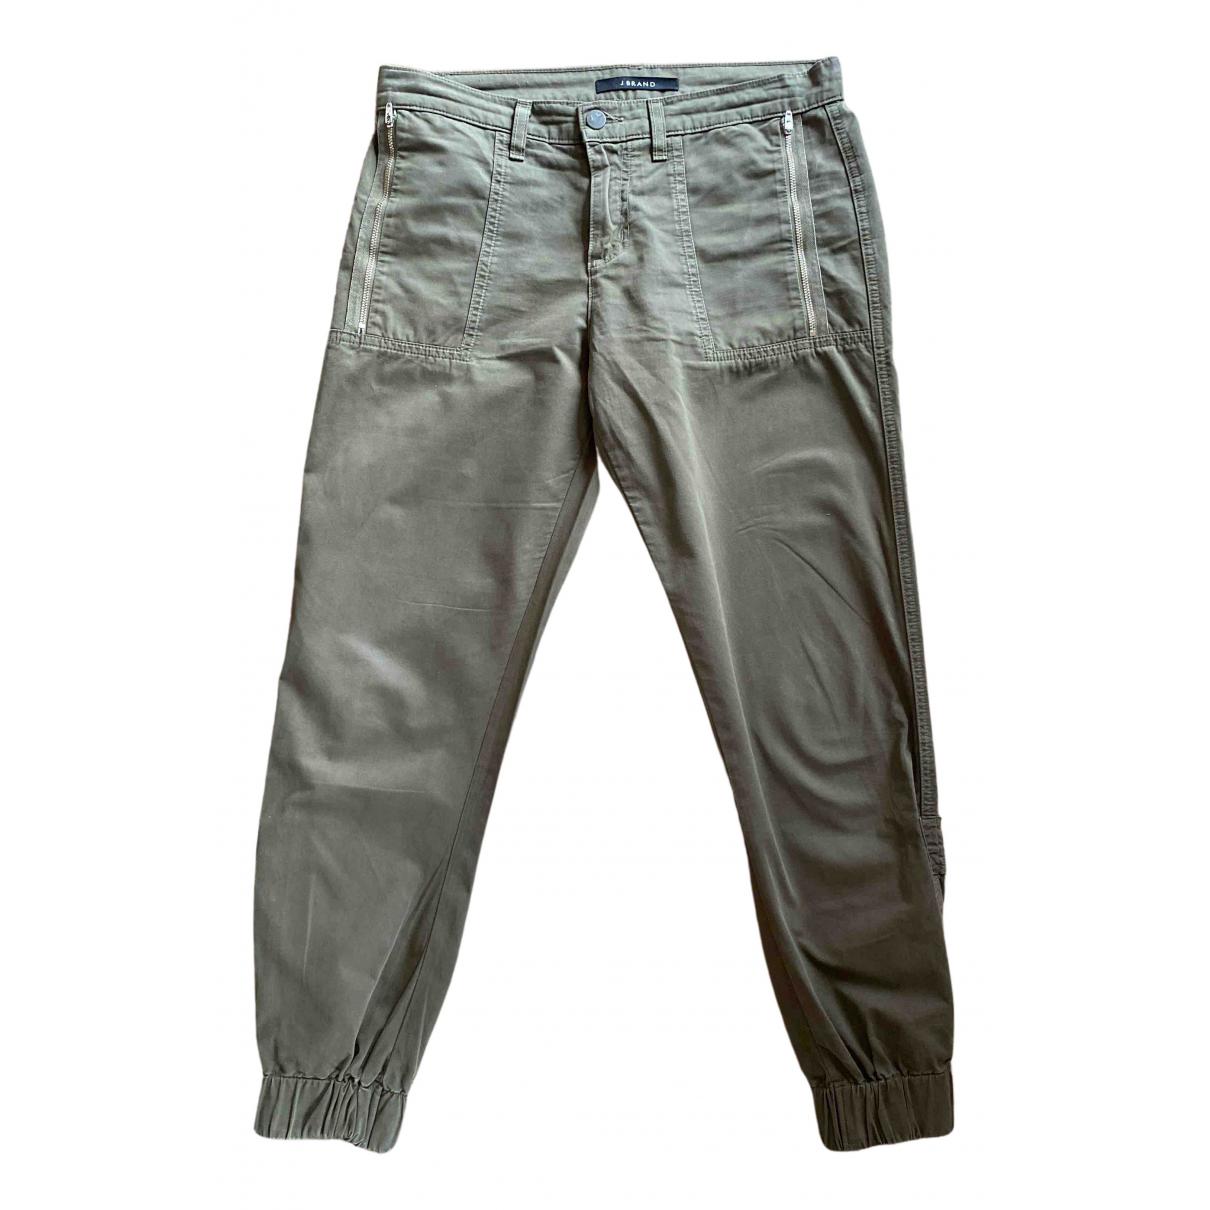 Pantalon en Algodon Caqui J Brand